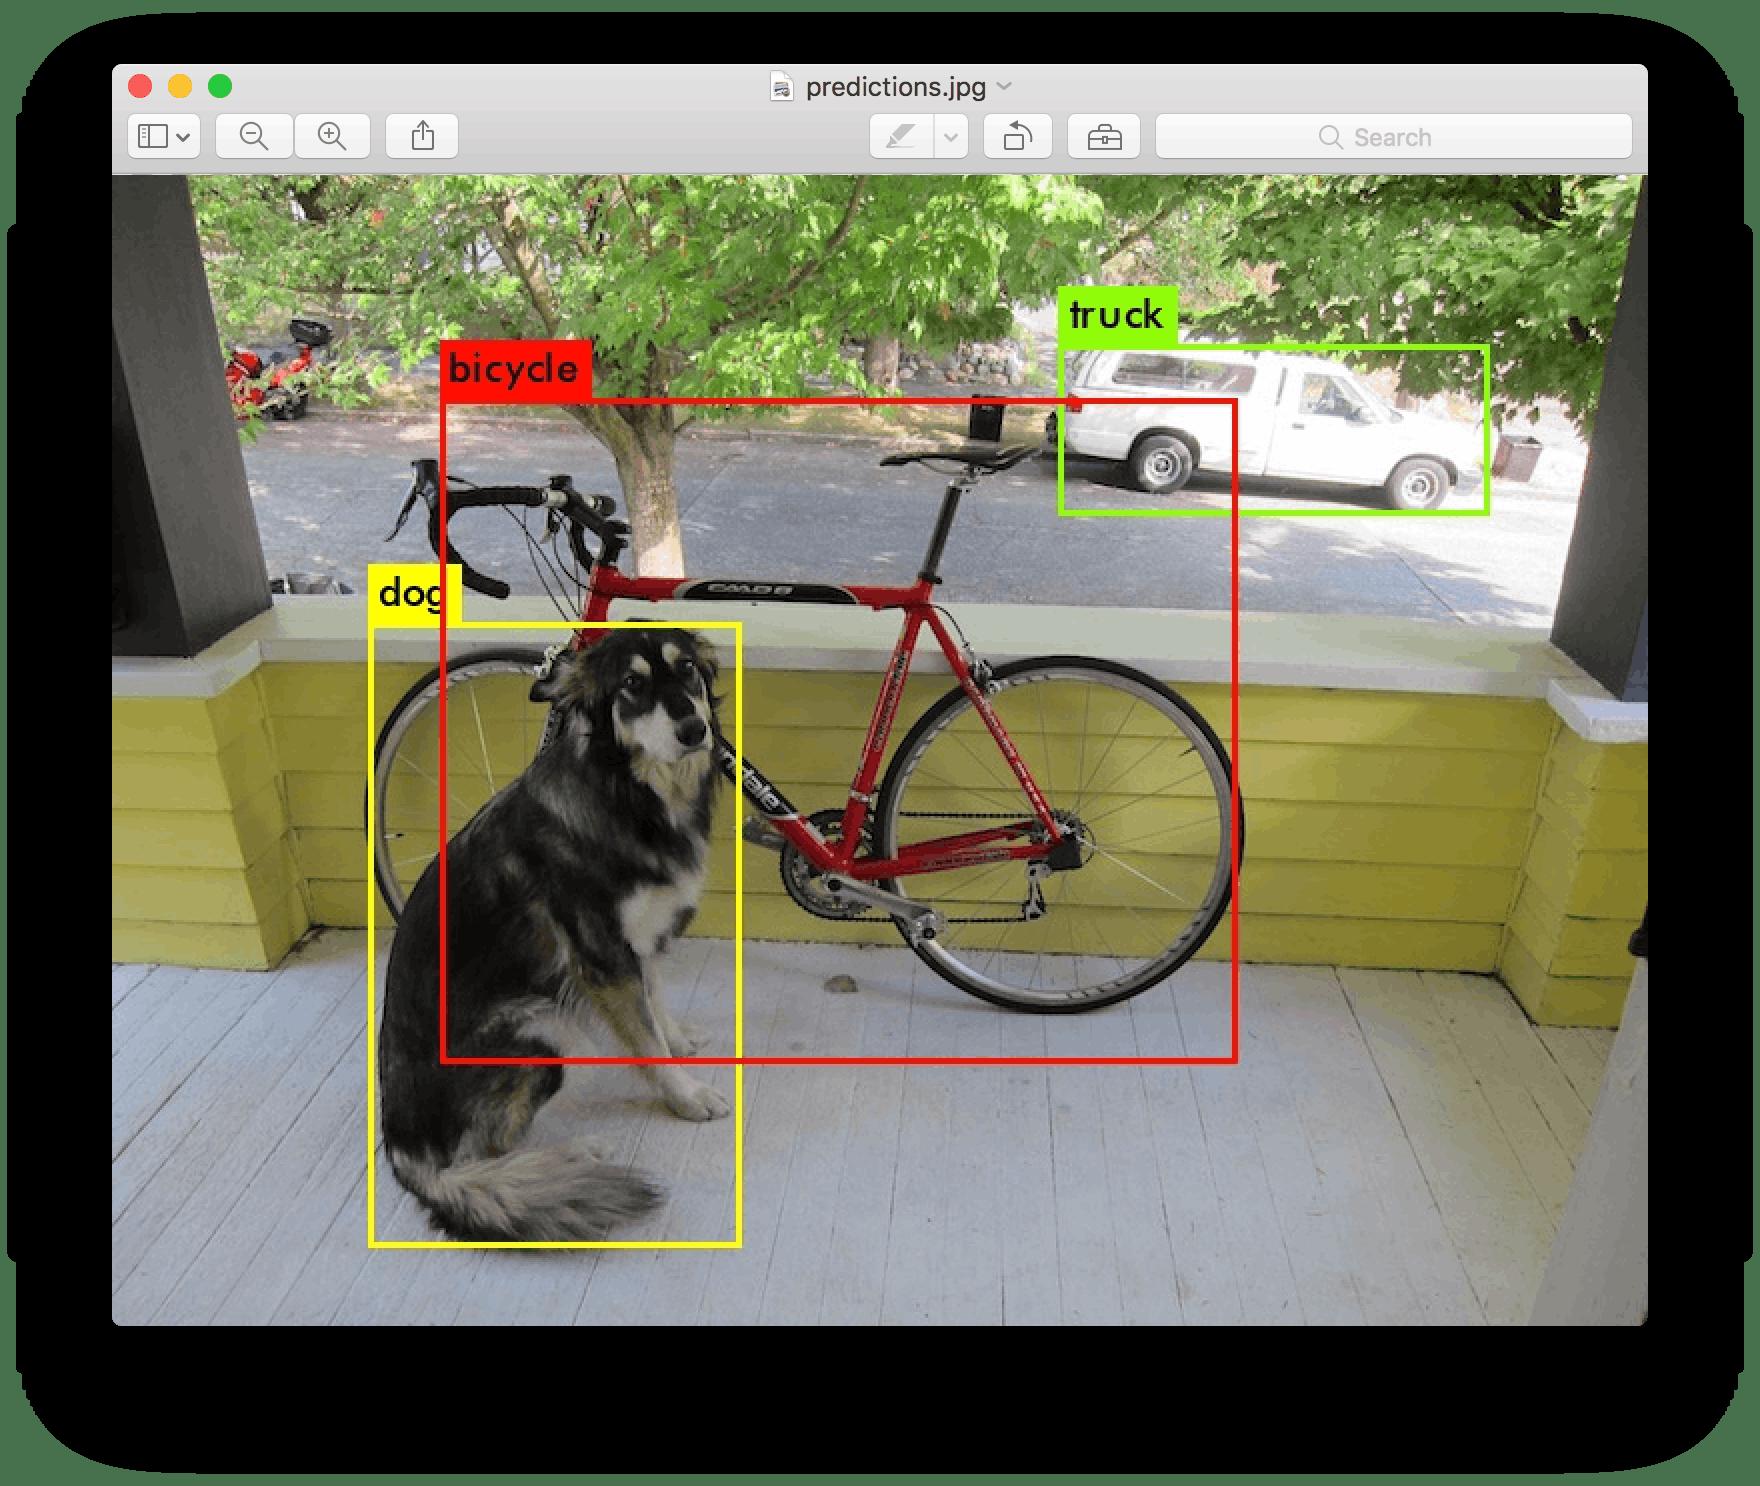 自前の画像をVoTTでアノテーションしてkeras-yolo3に呪腕のハサンを学習